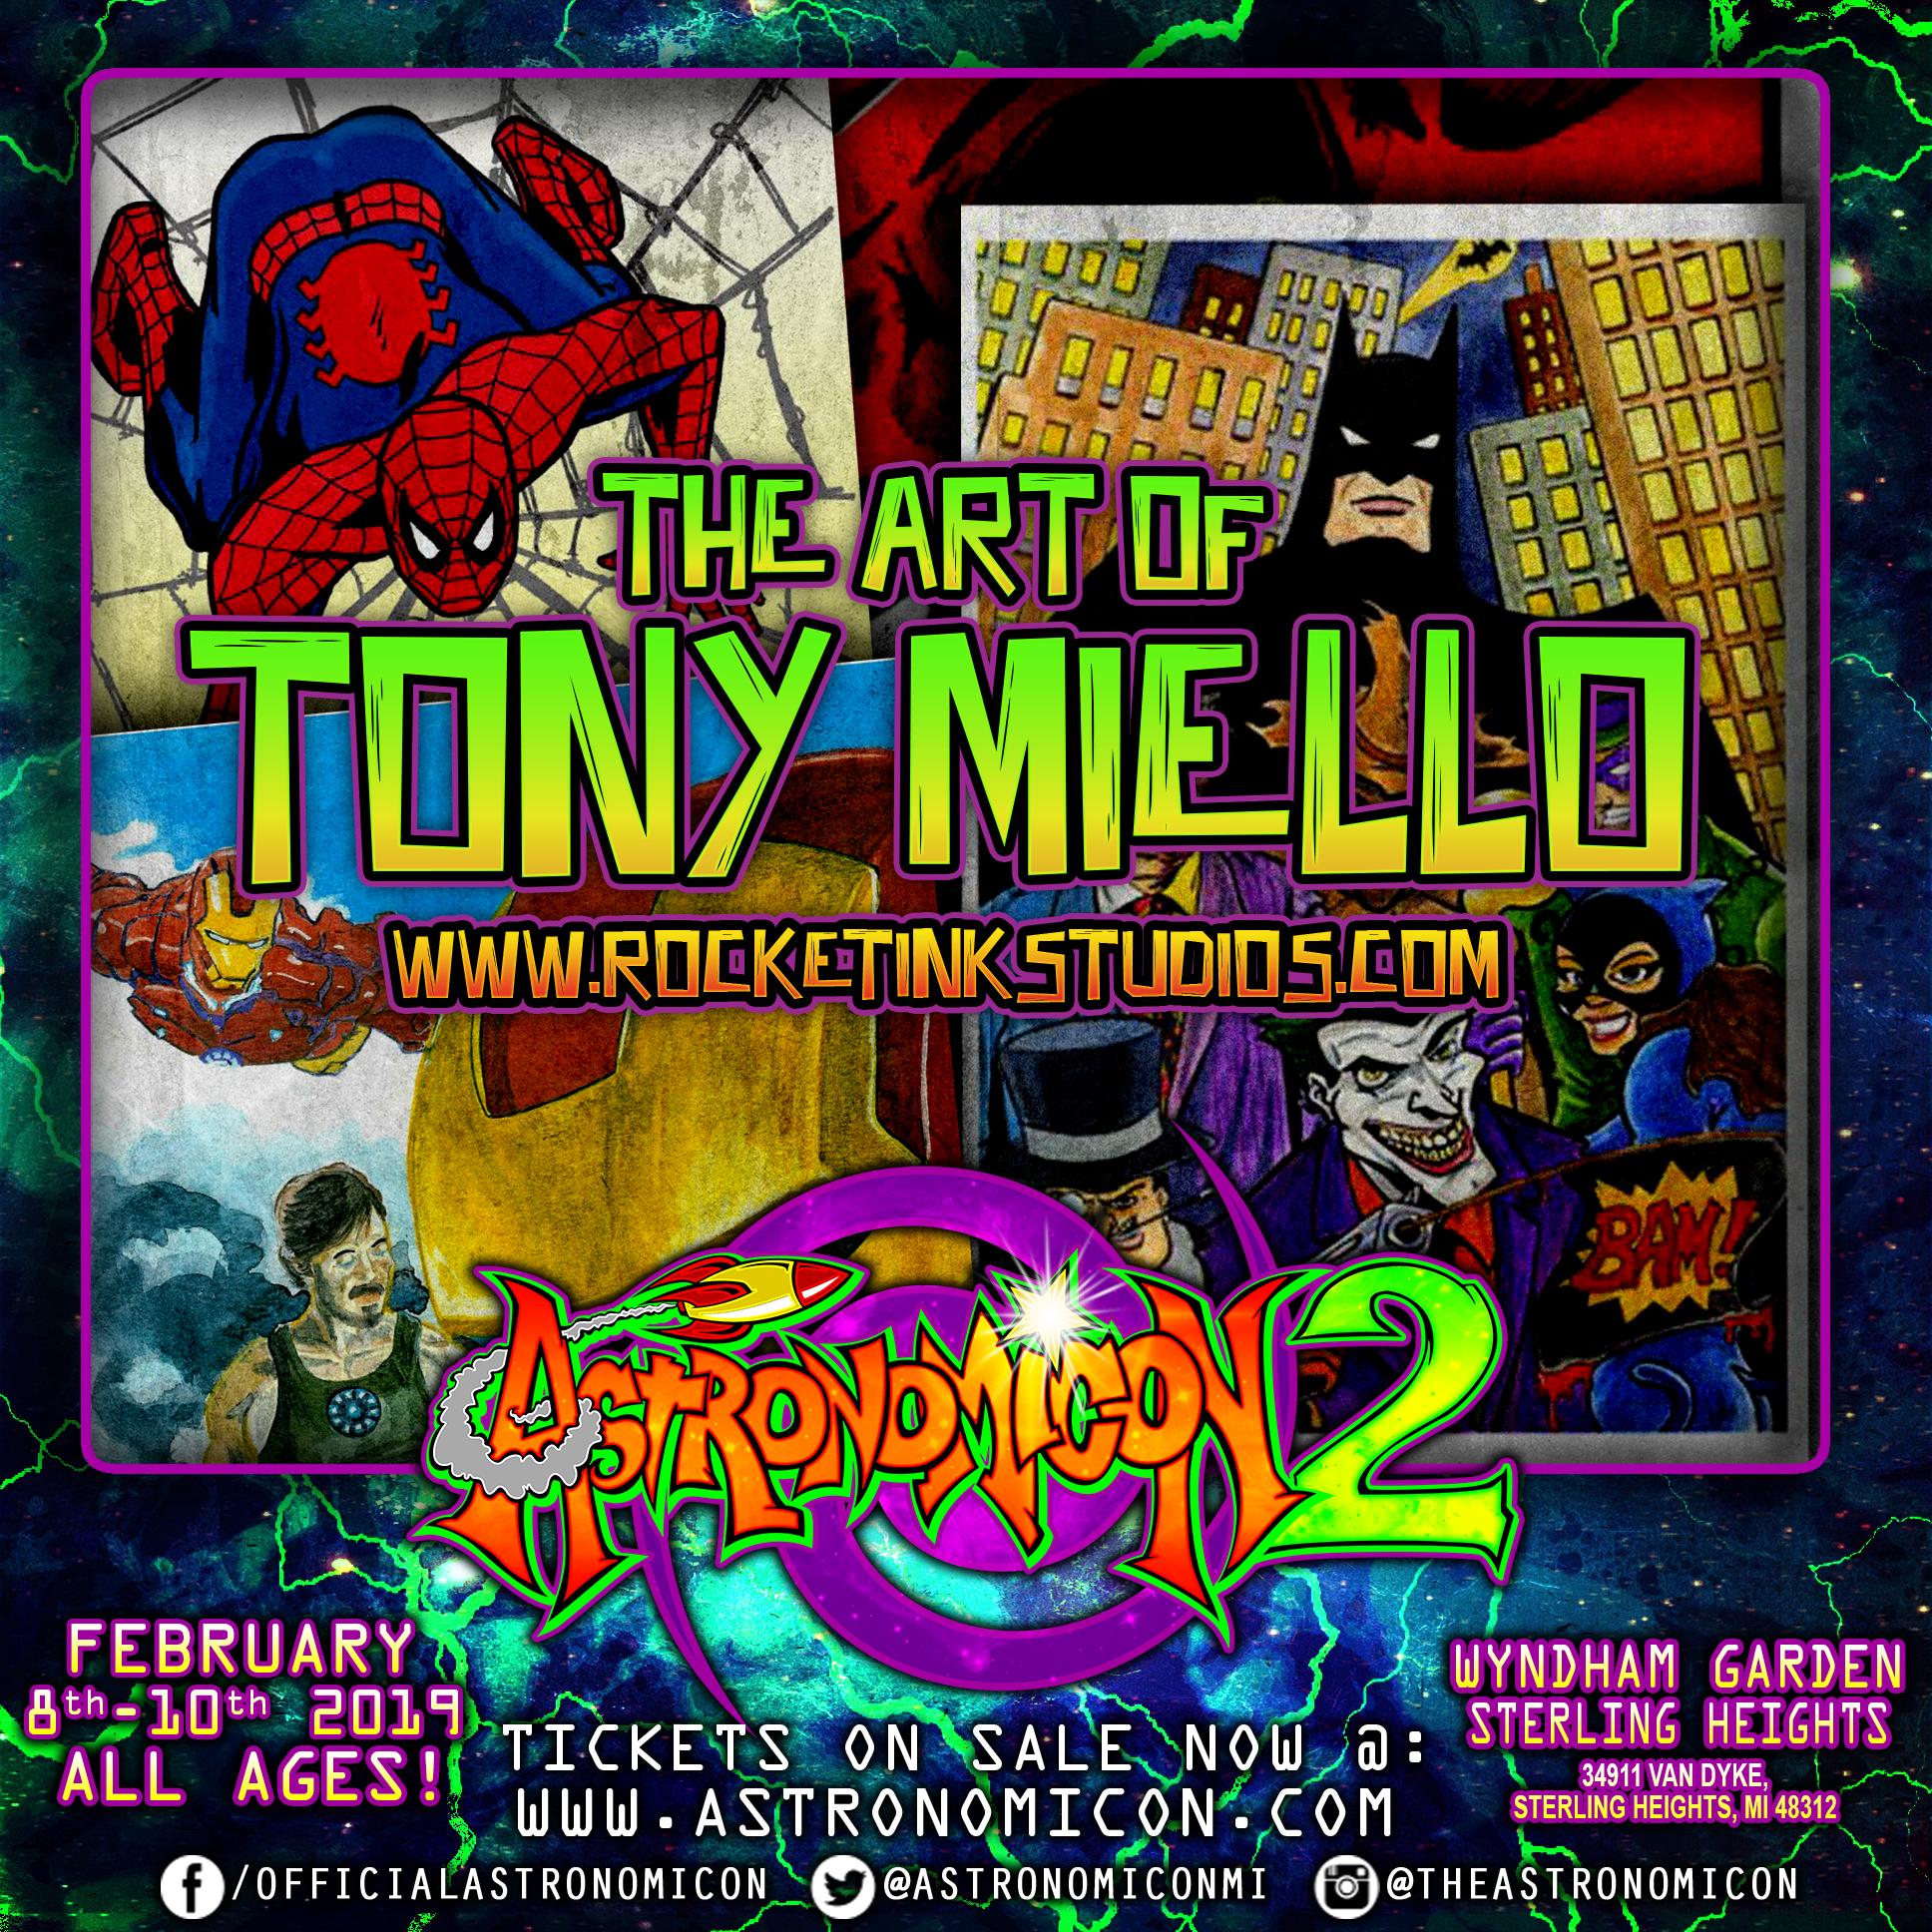 Astronomicon 2 The Art Of Tony Miello IG Ad.png